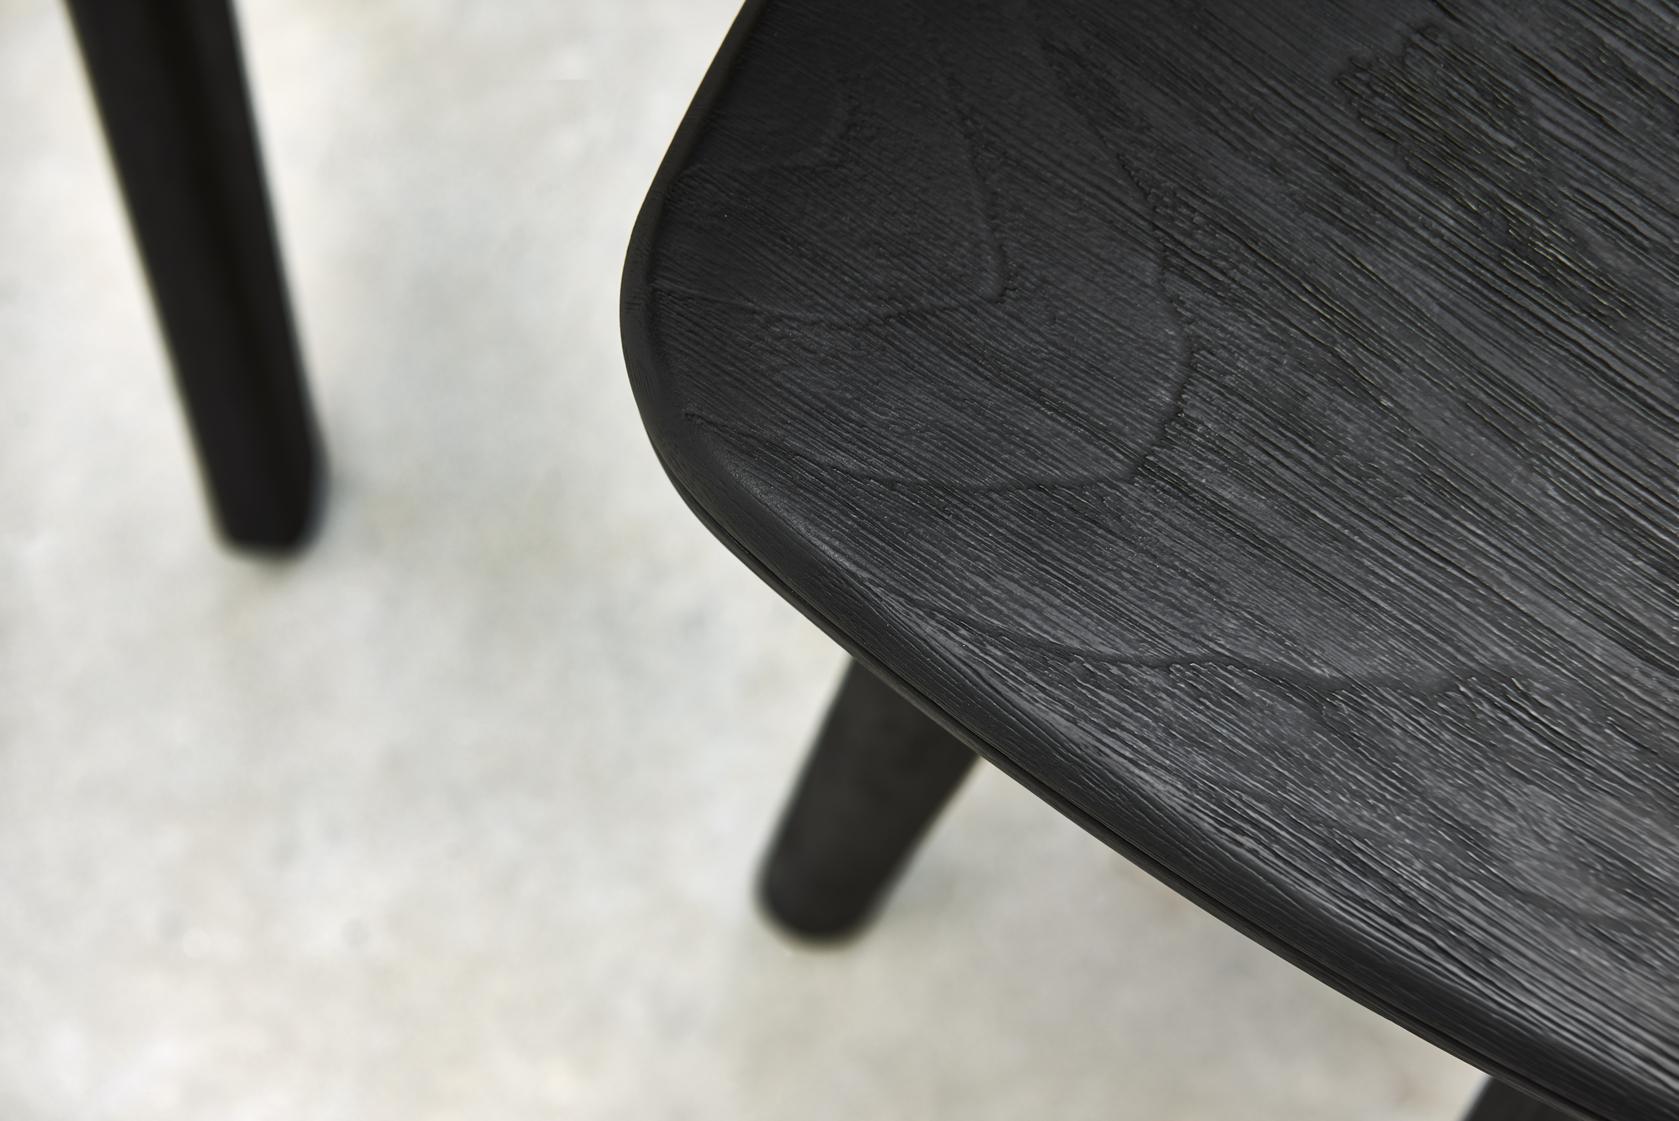 geburstetes-teak-nero-das-perfekte-gleichgewicht-zwischen-luxus-und-edlem-understatement